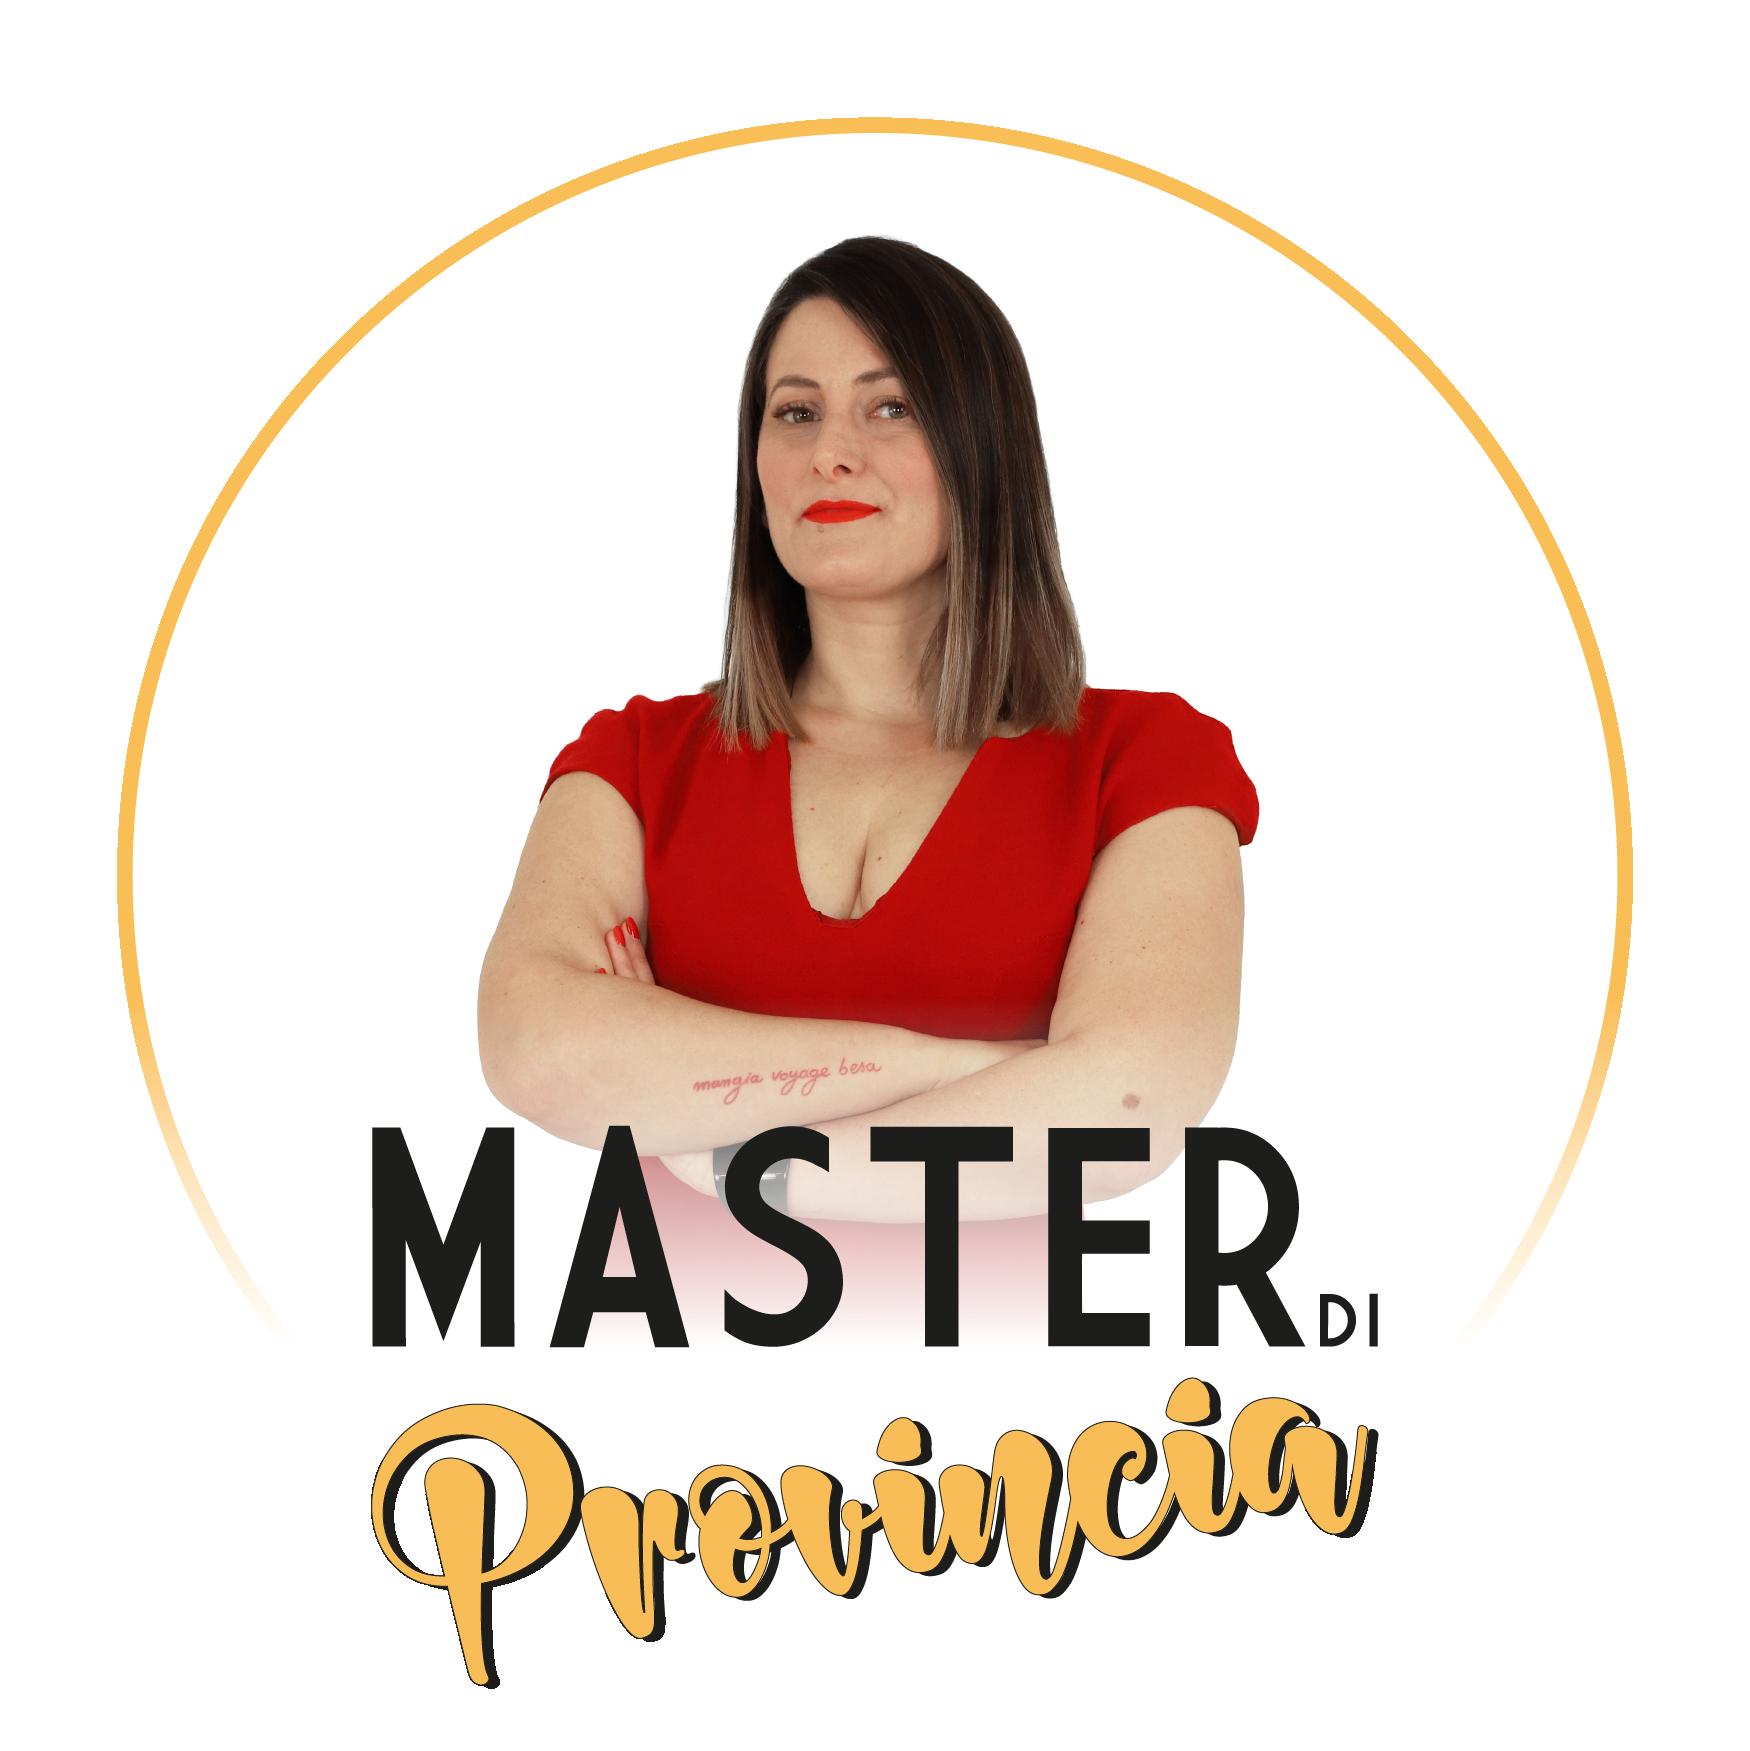 Master di Provincia – Strategist & SMM